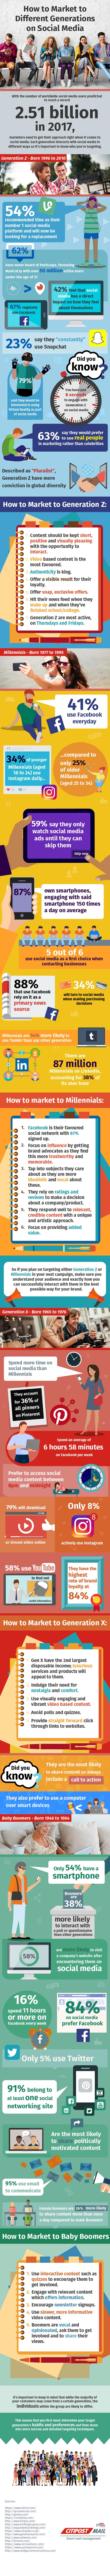 generazione social media infografica